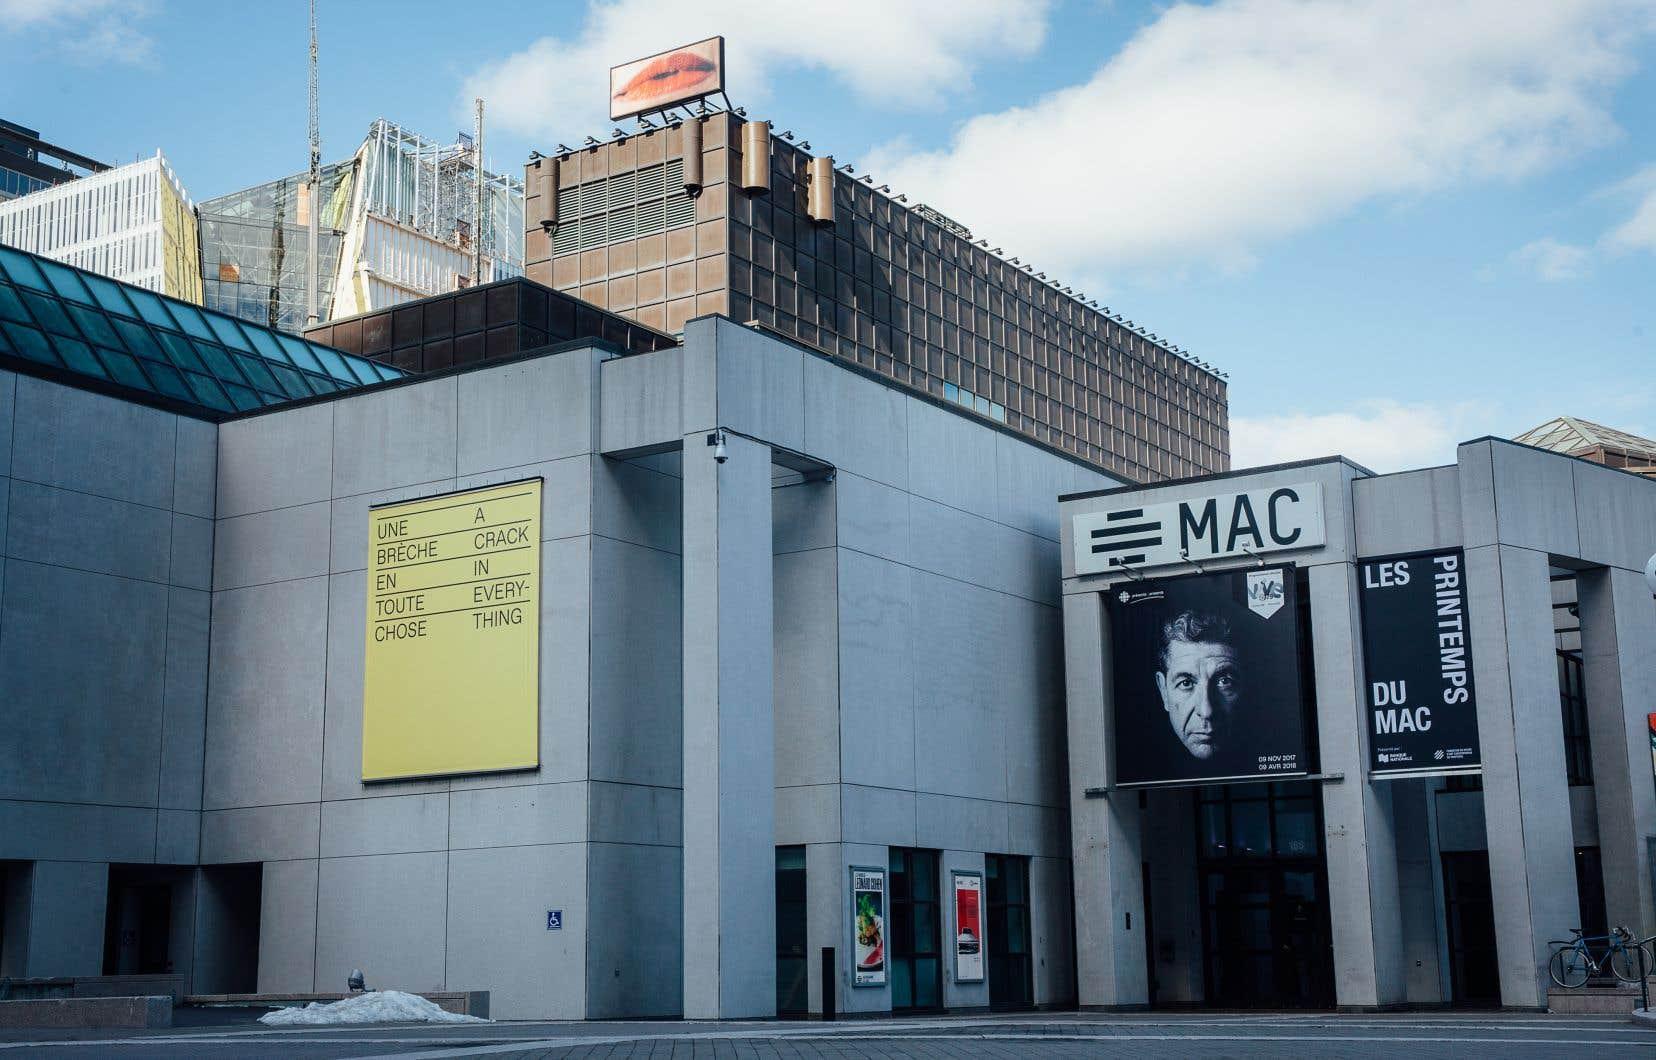 la d'art contemporain de Grève toute journée au Musée zUVSqMp